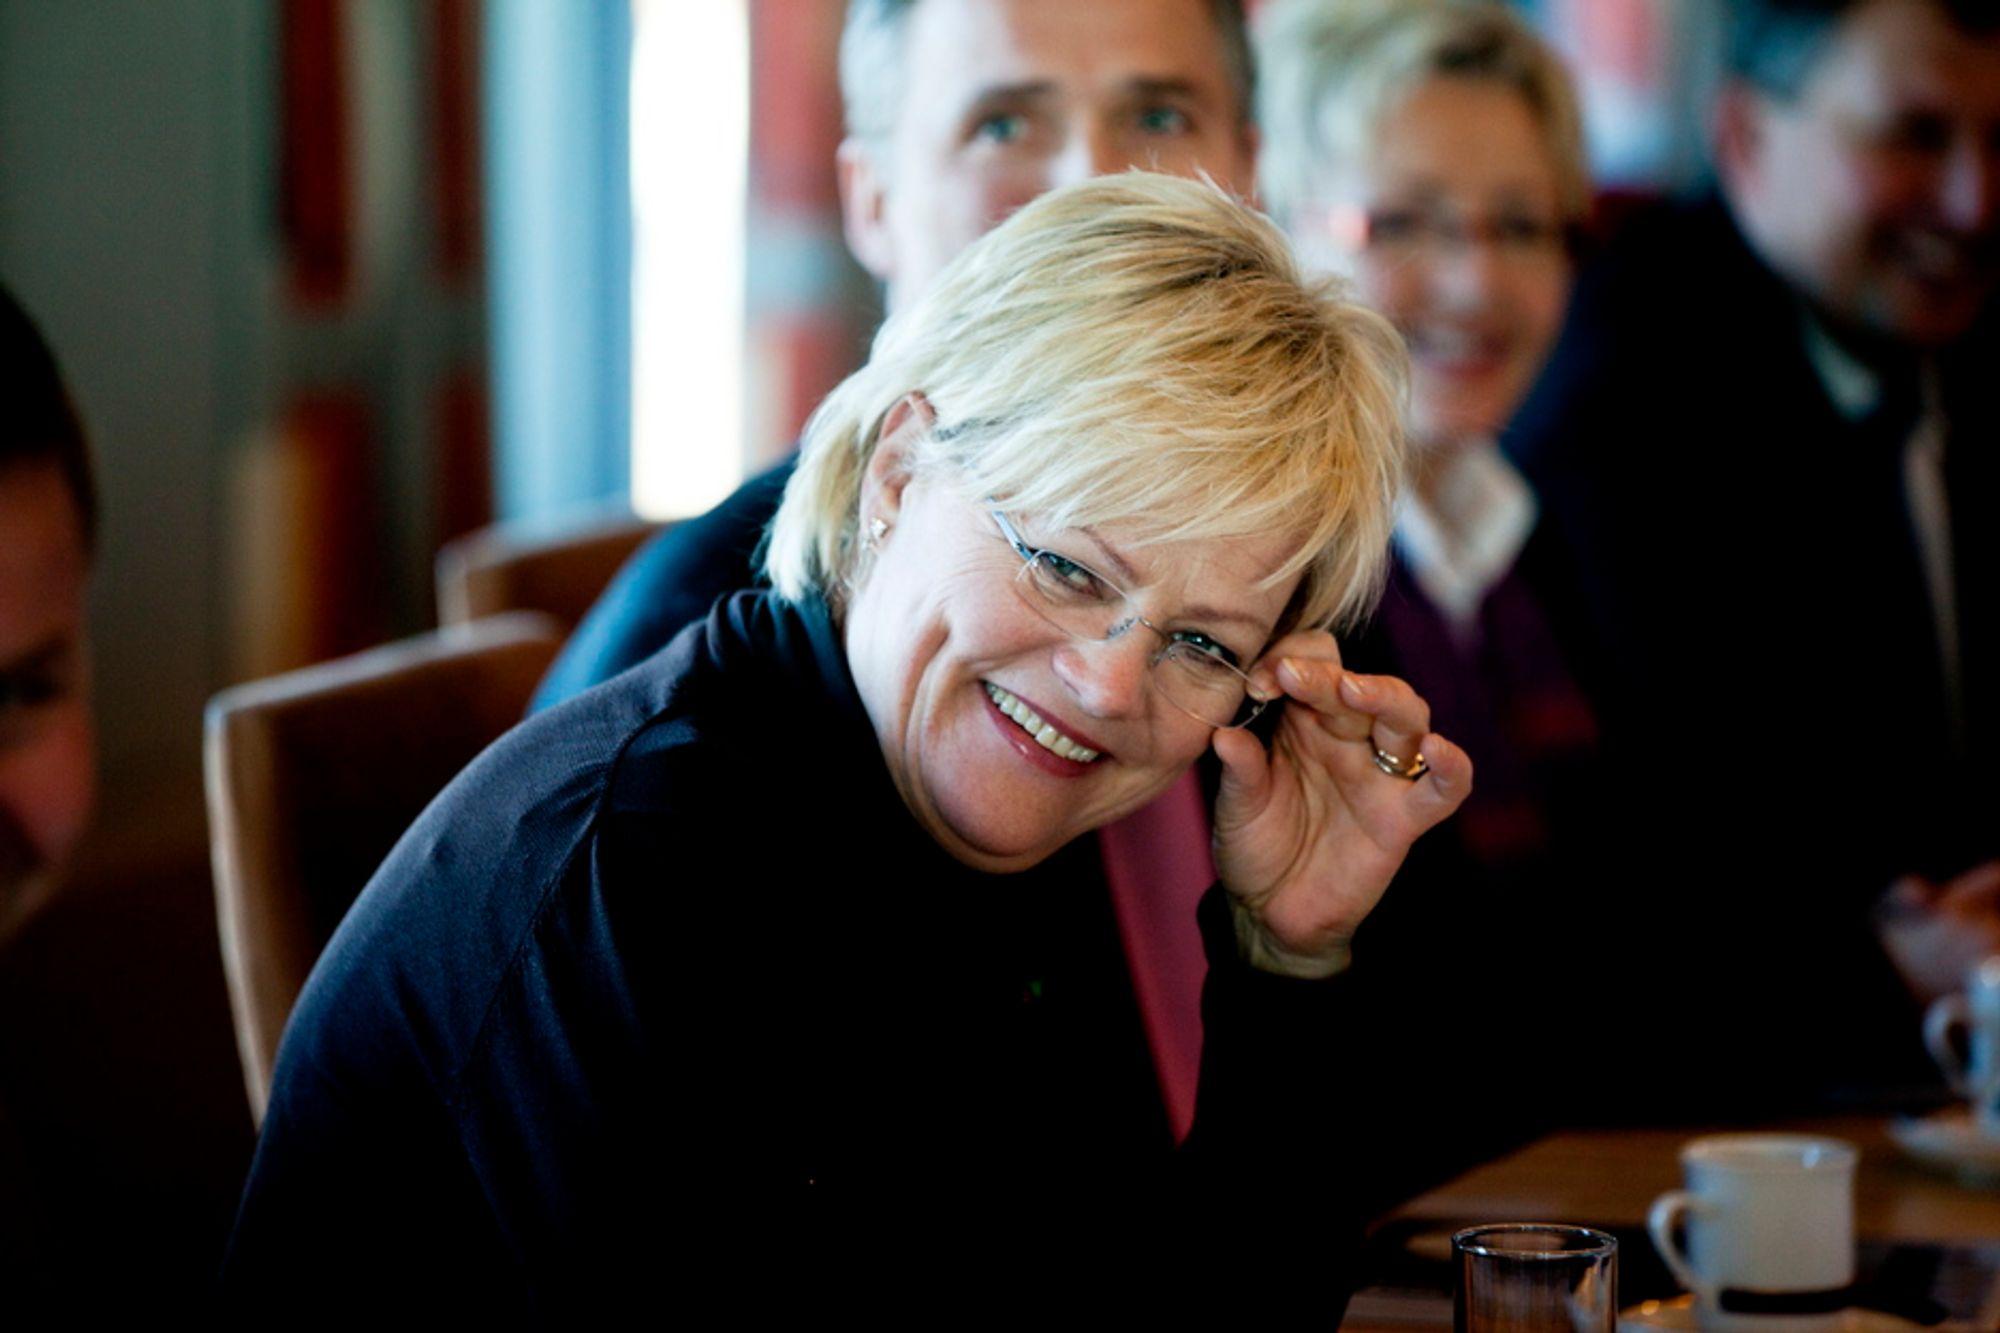 SV-leder Kristin Halvorsen står steilt på partiets nei til konsekvensutredning, men motsetter seg ikke innhenting av ny kunnskap. Det var budskapet hennes da regjeringen møtte ordførere fra nord tirsdag.